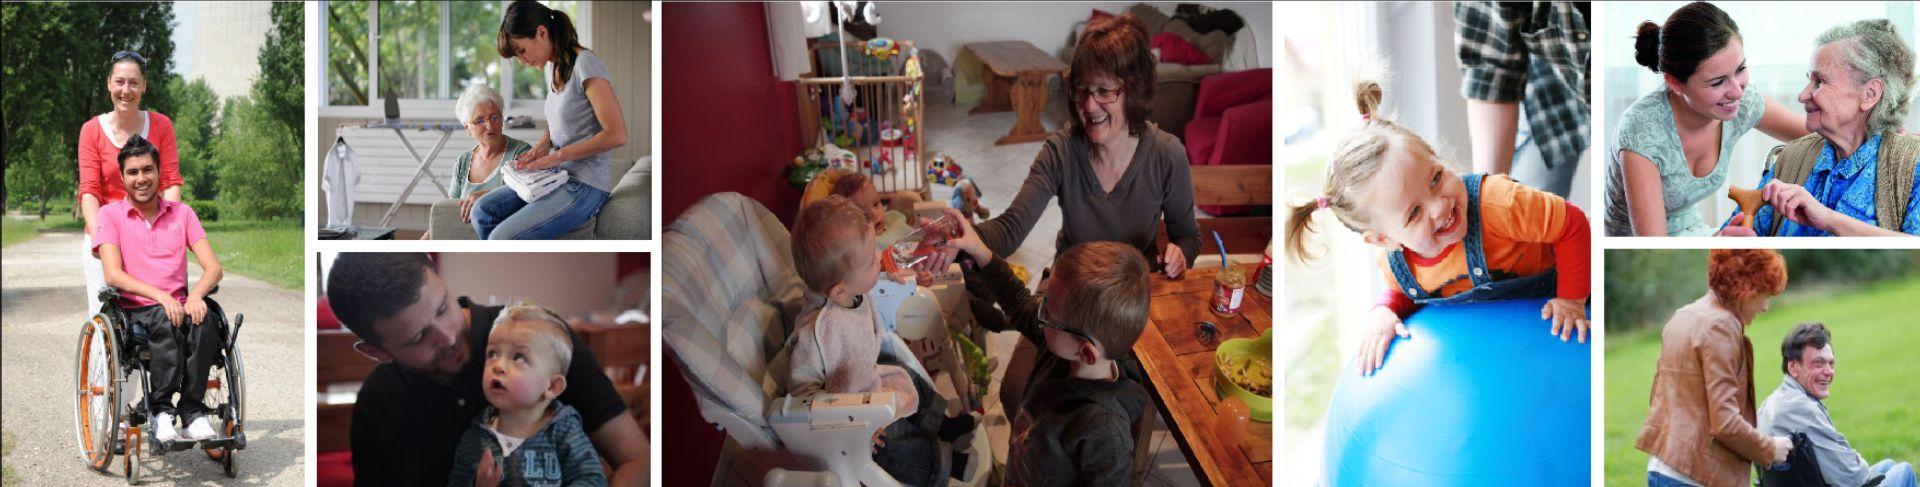 ADMR : Garde d'enfants, aide aux séniors, ménage repassage ...